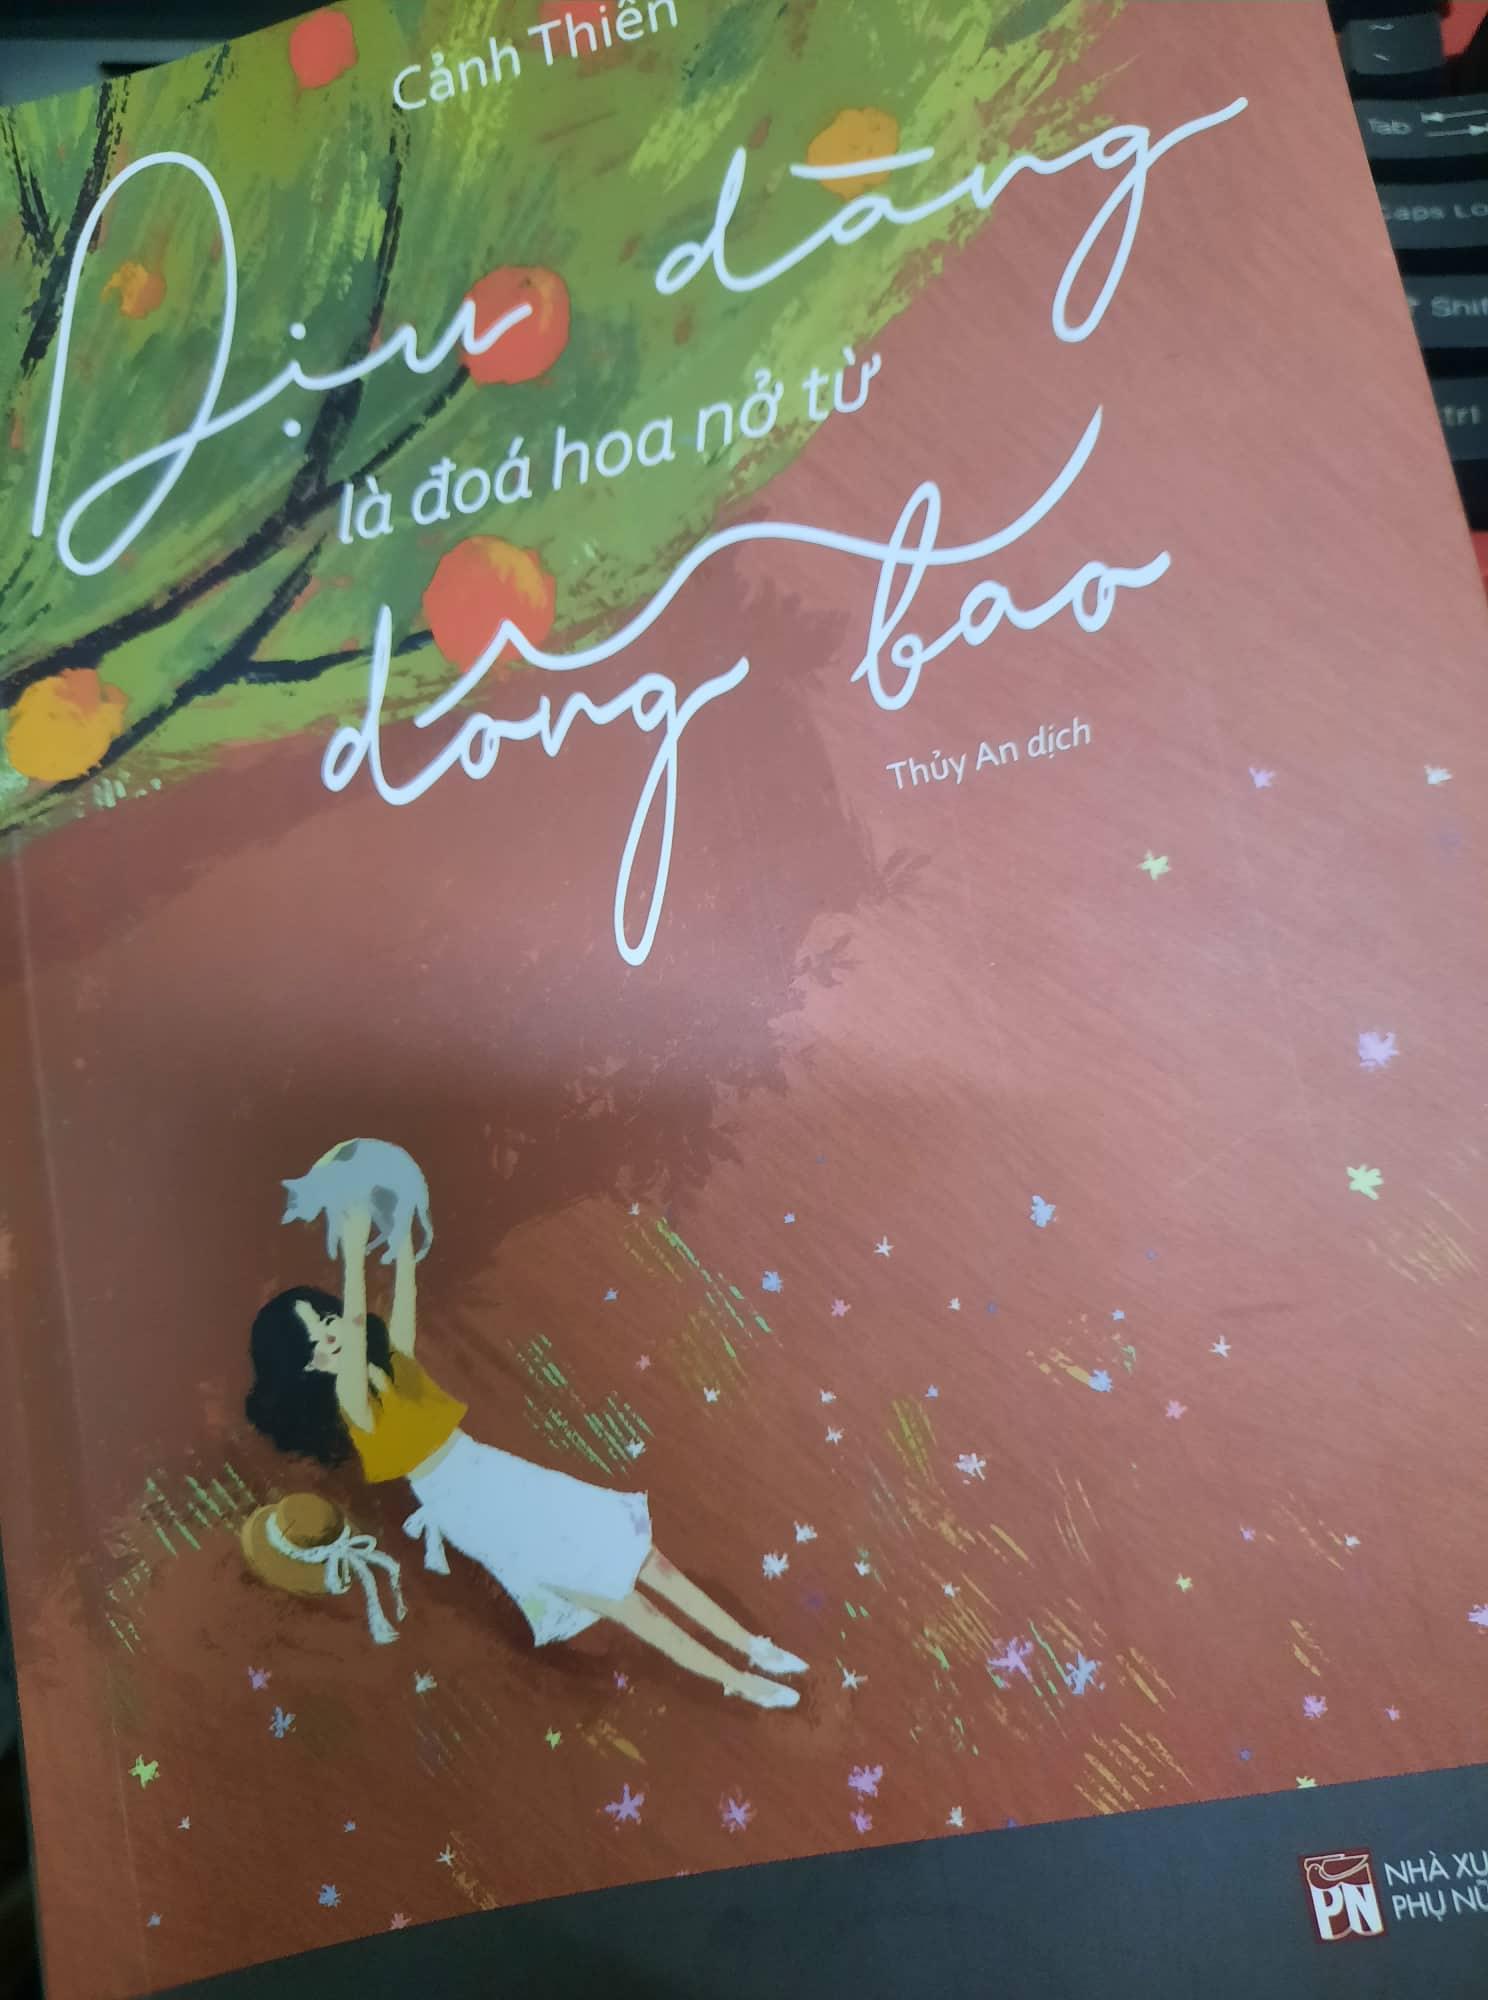 dịu dàng là đoá hoa nở từ dông bão - cảnh thiên - blog review sách hay